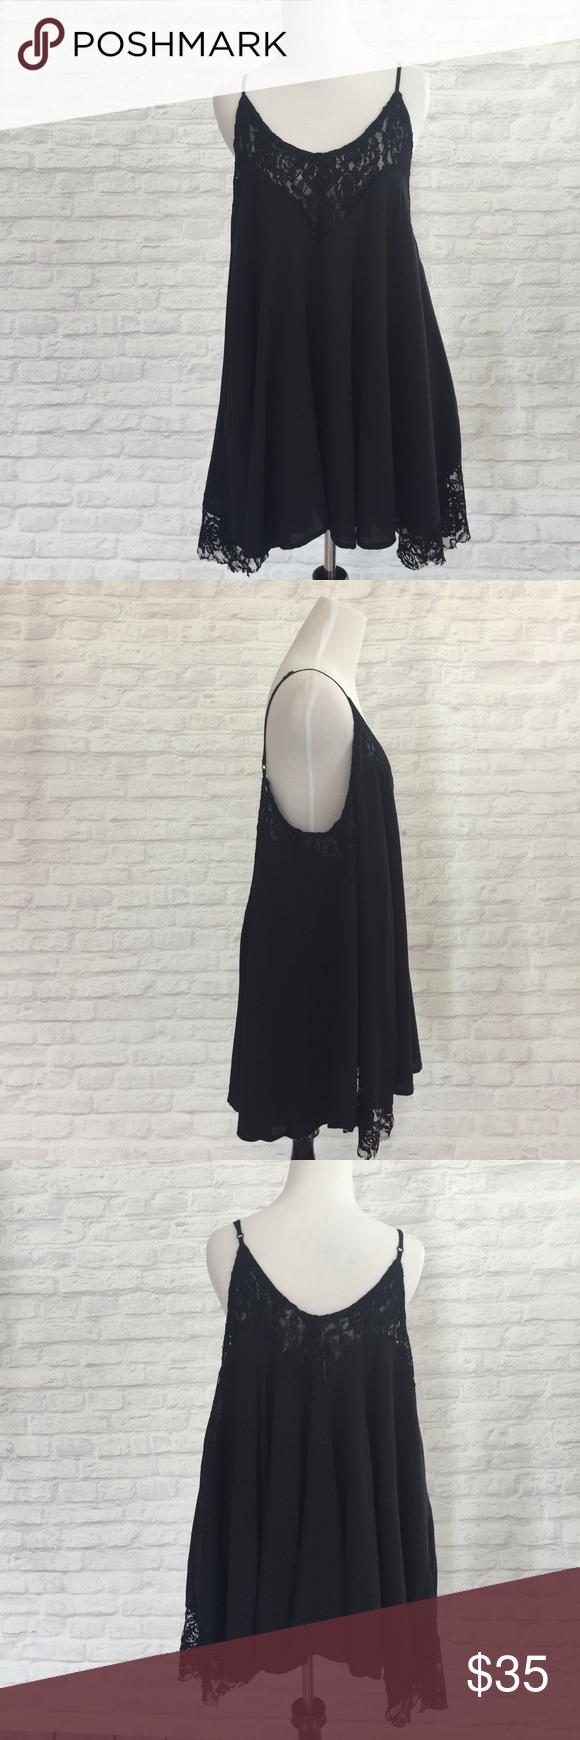 M boutique lace dress  Black Lace Tank Dress size M  Boutique dresses Tank dress and